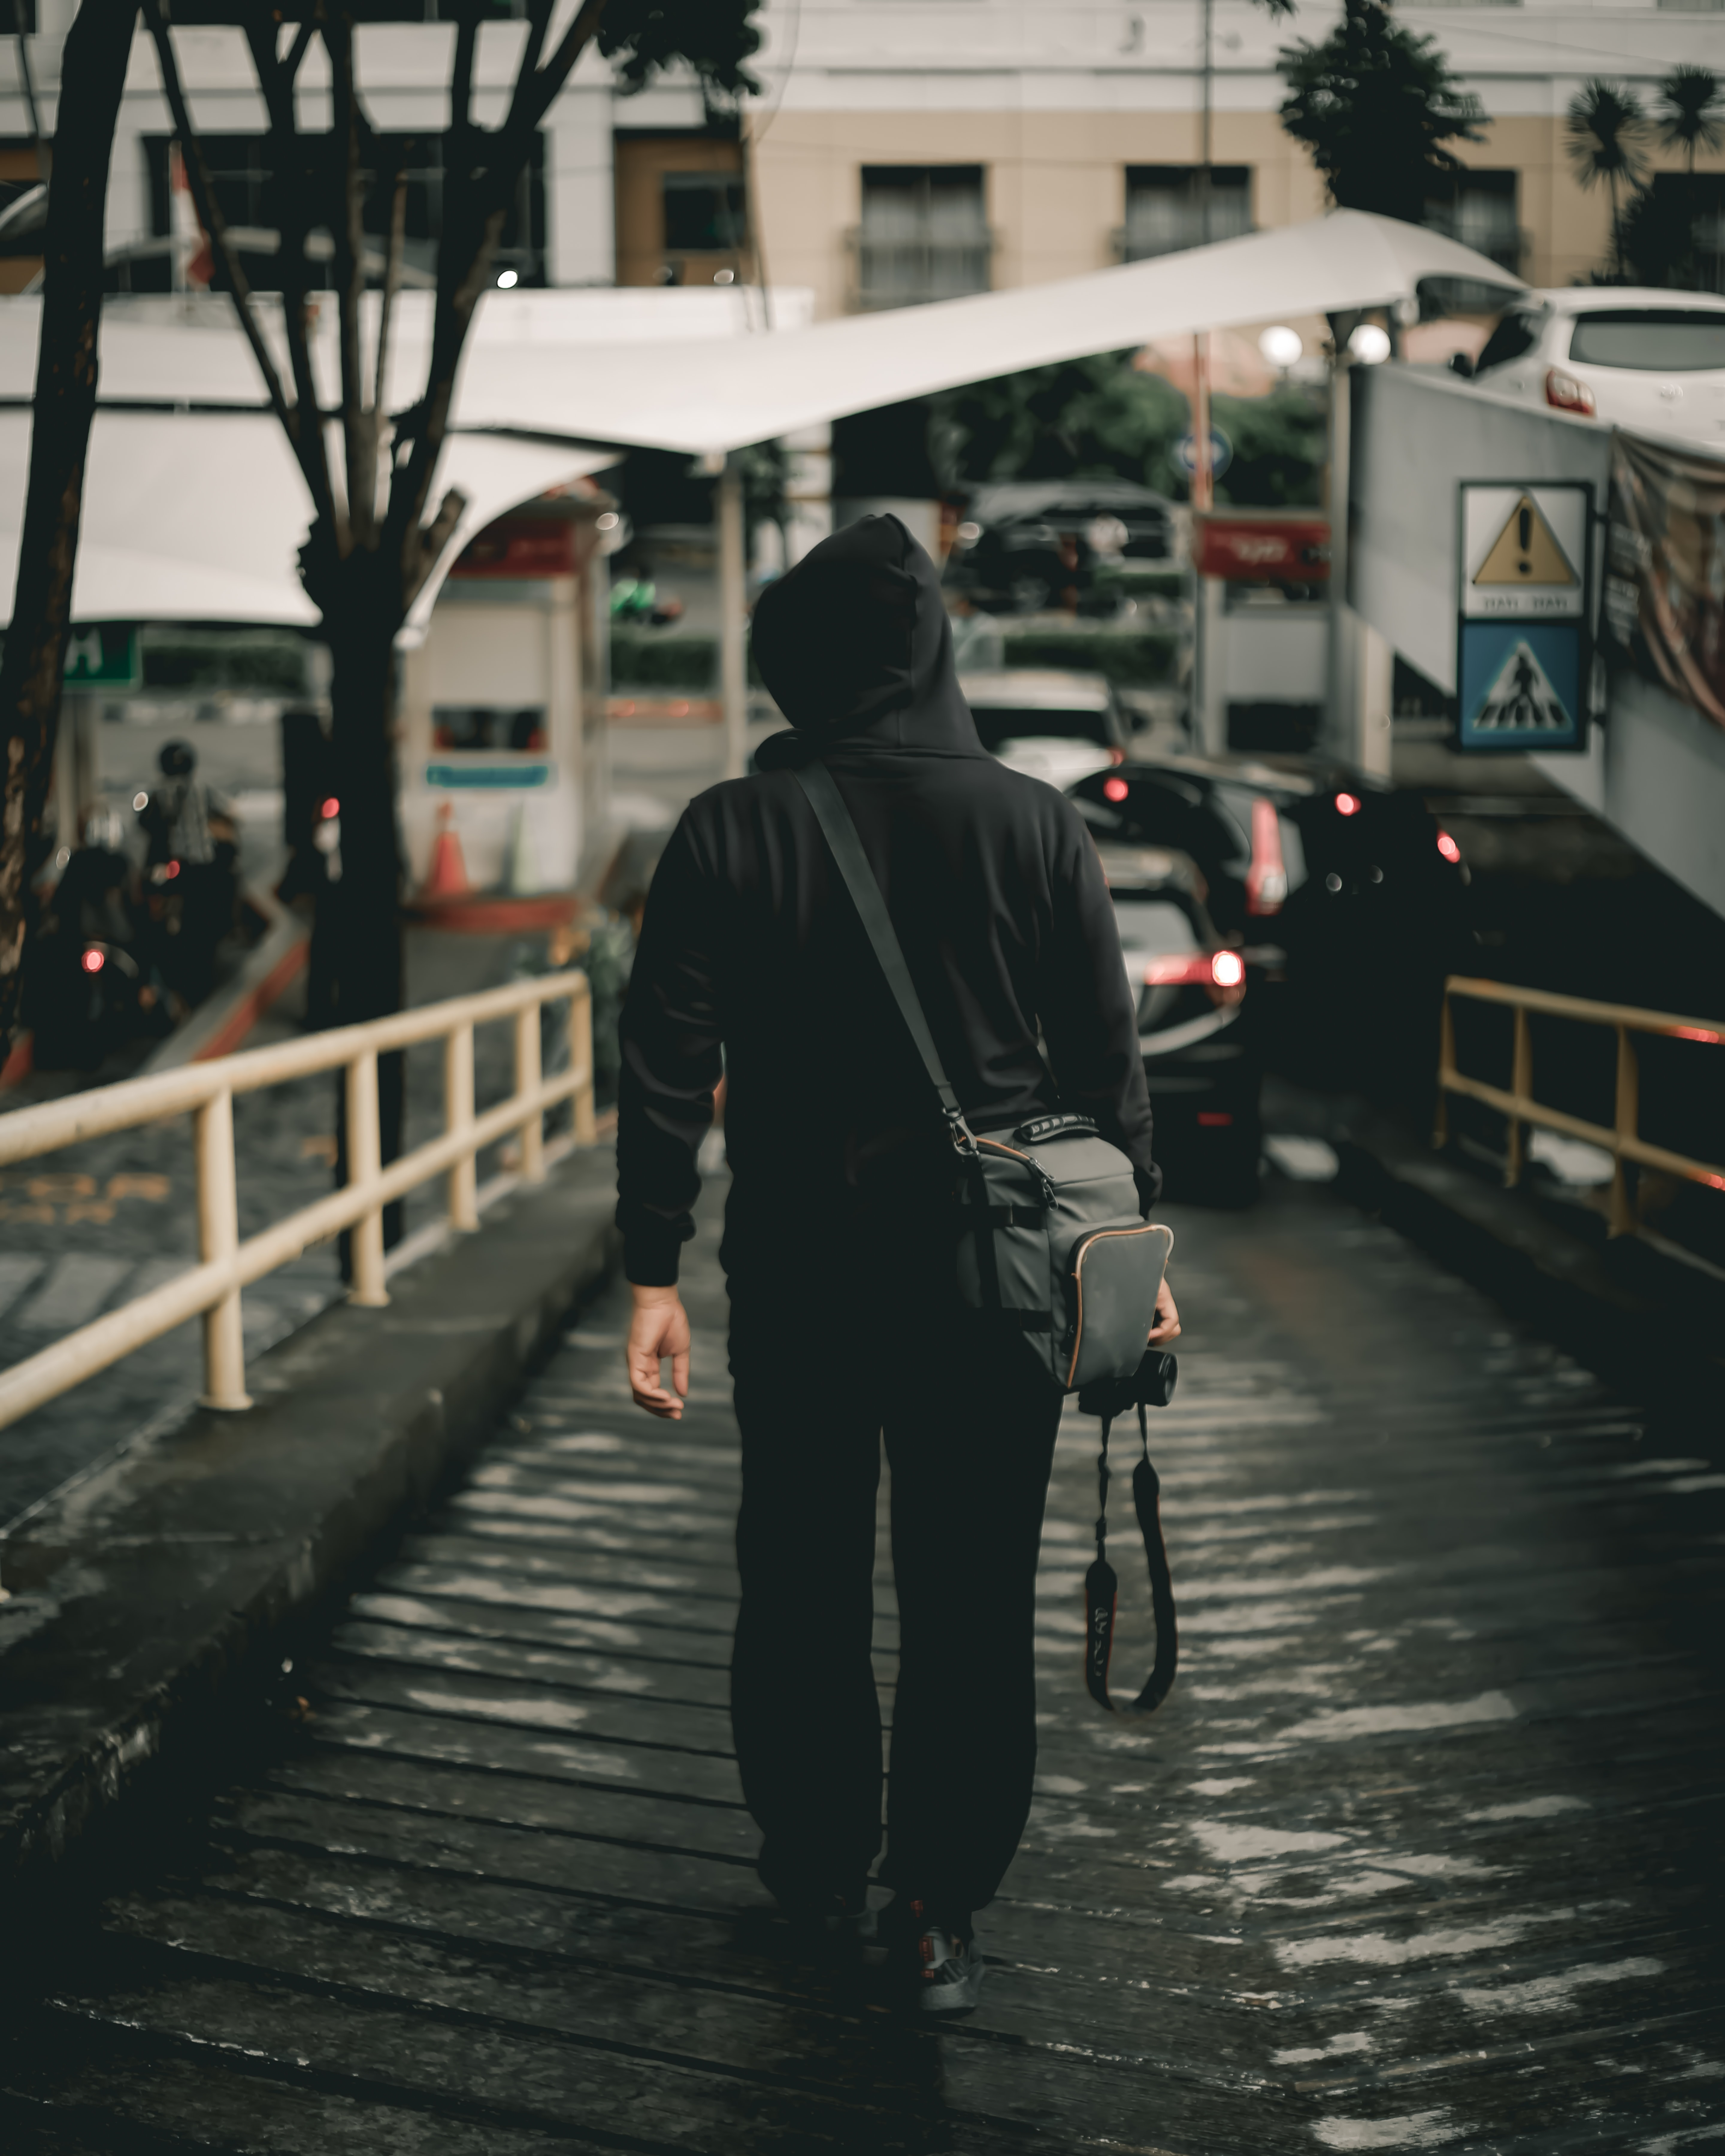 man in black hoodie holding DSLR camera walking on steep road